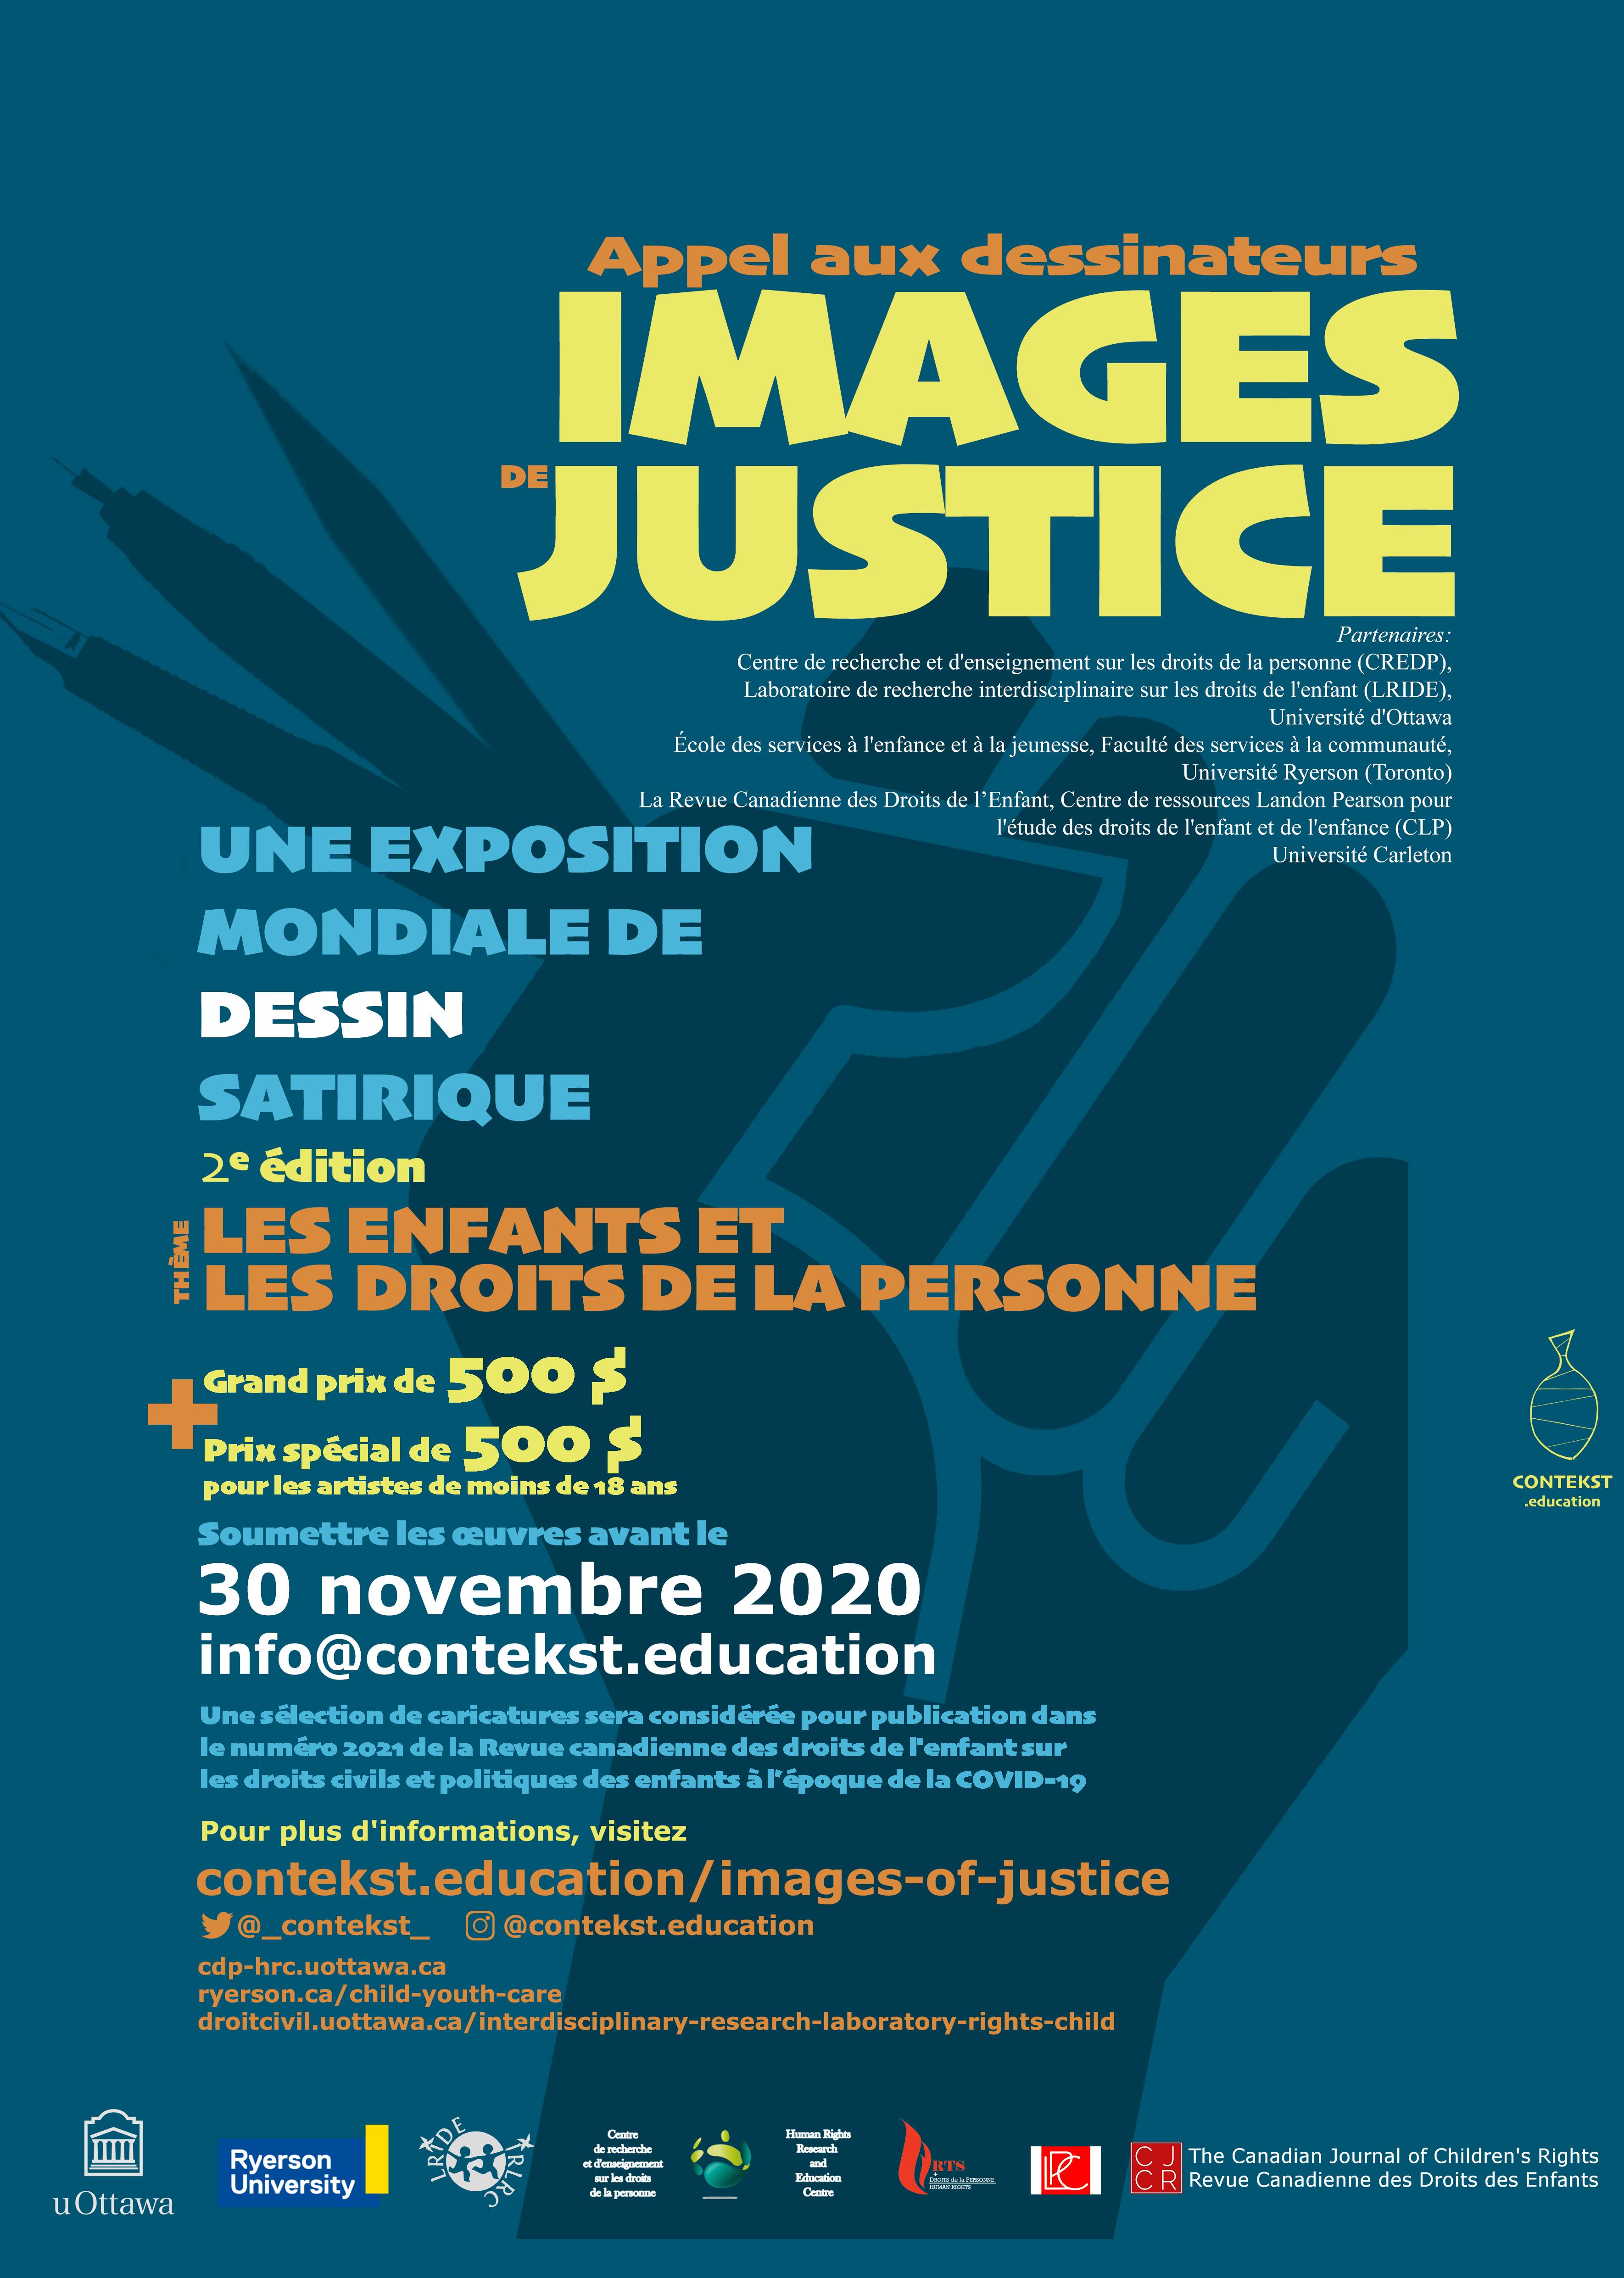 Images de la Justice - Les enfants et les droits de la personne